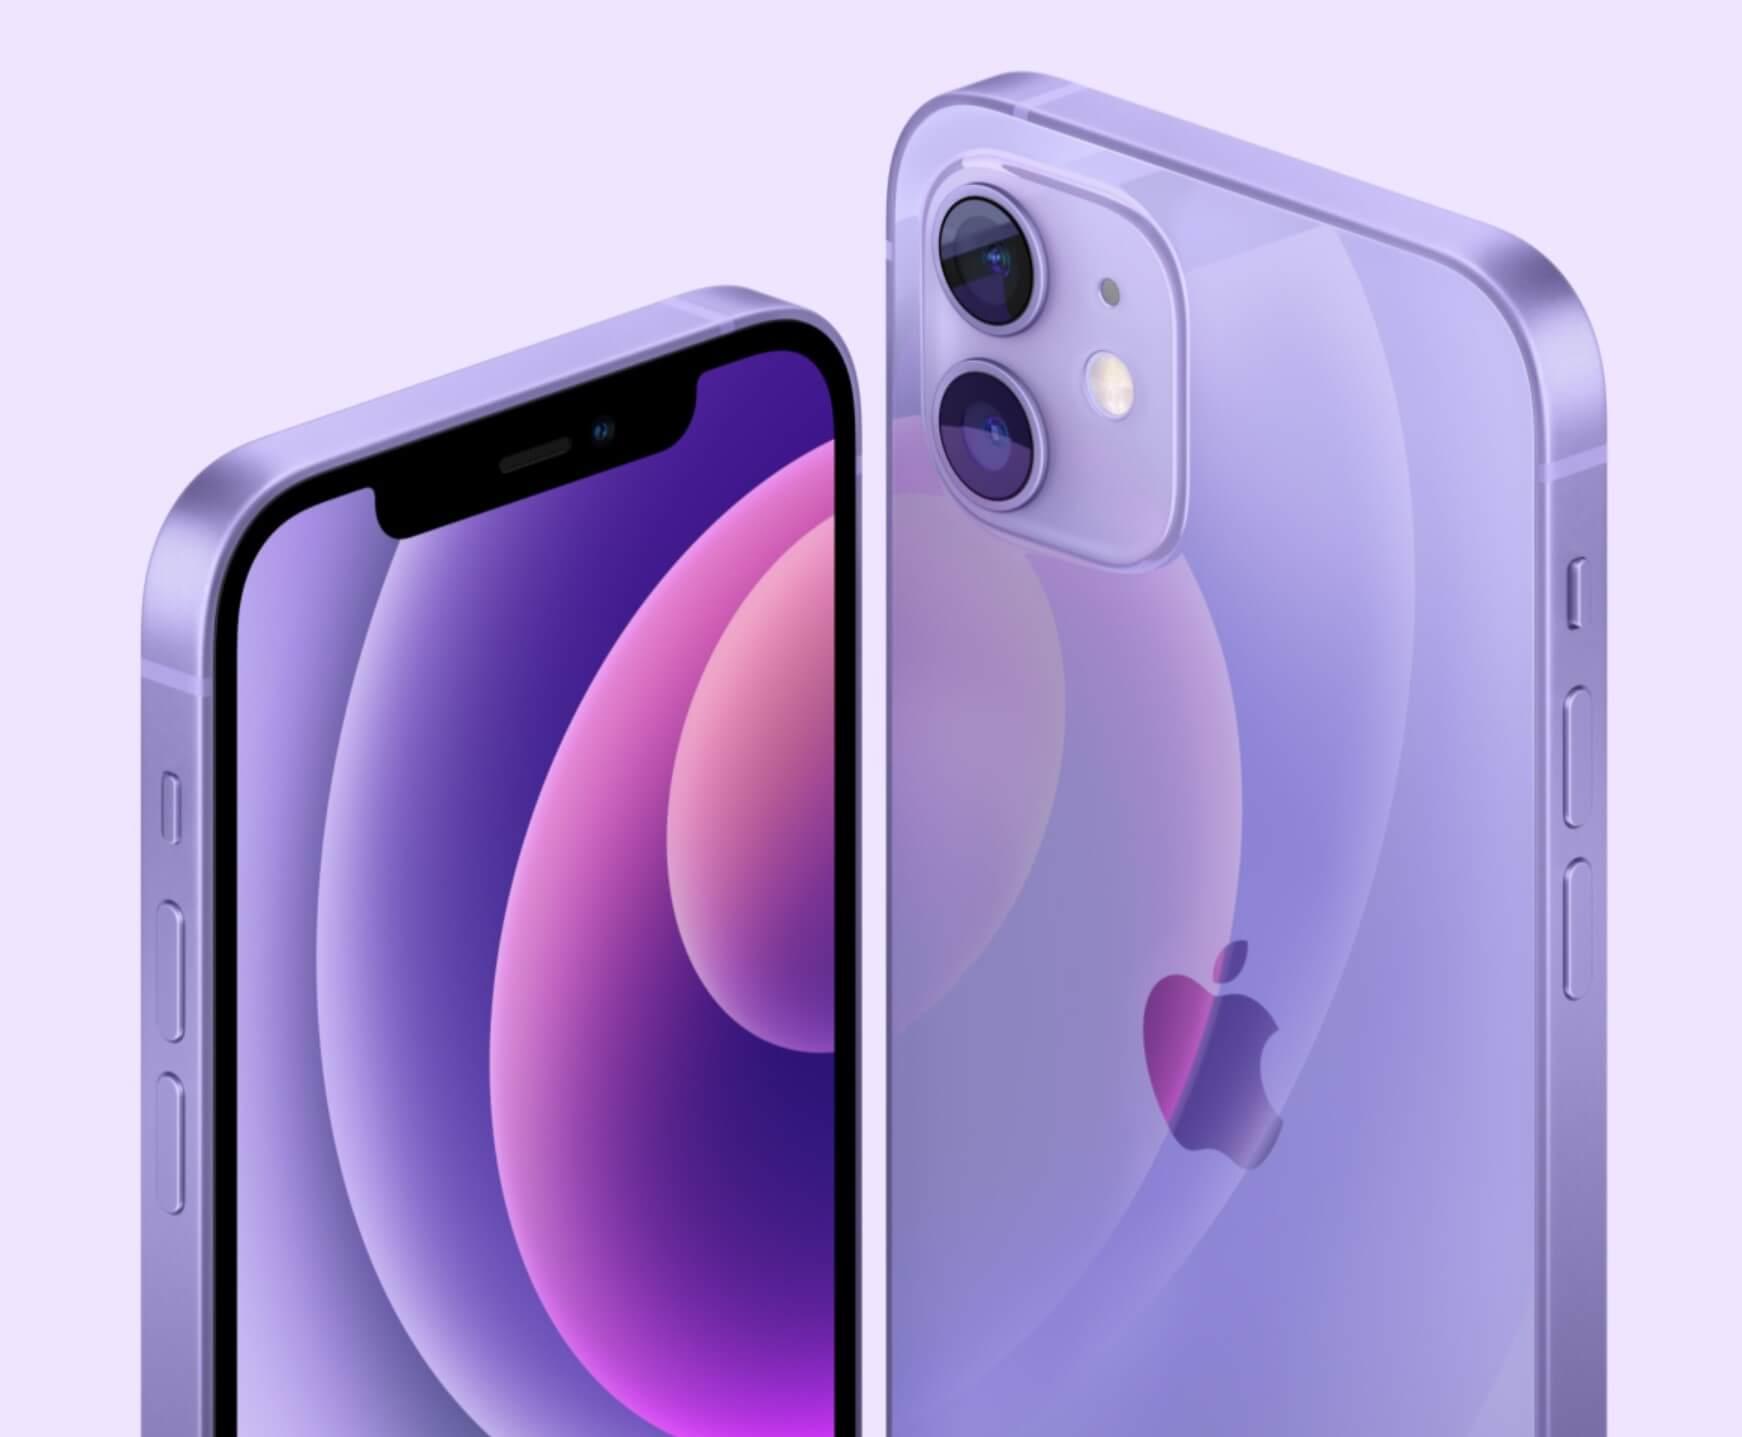 楽天モバイルならiPhone 12の新色パープルを選択可能